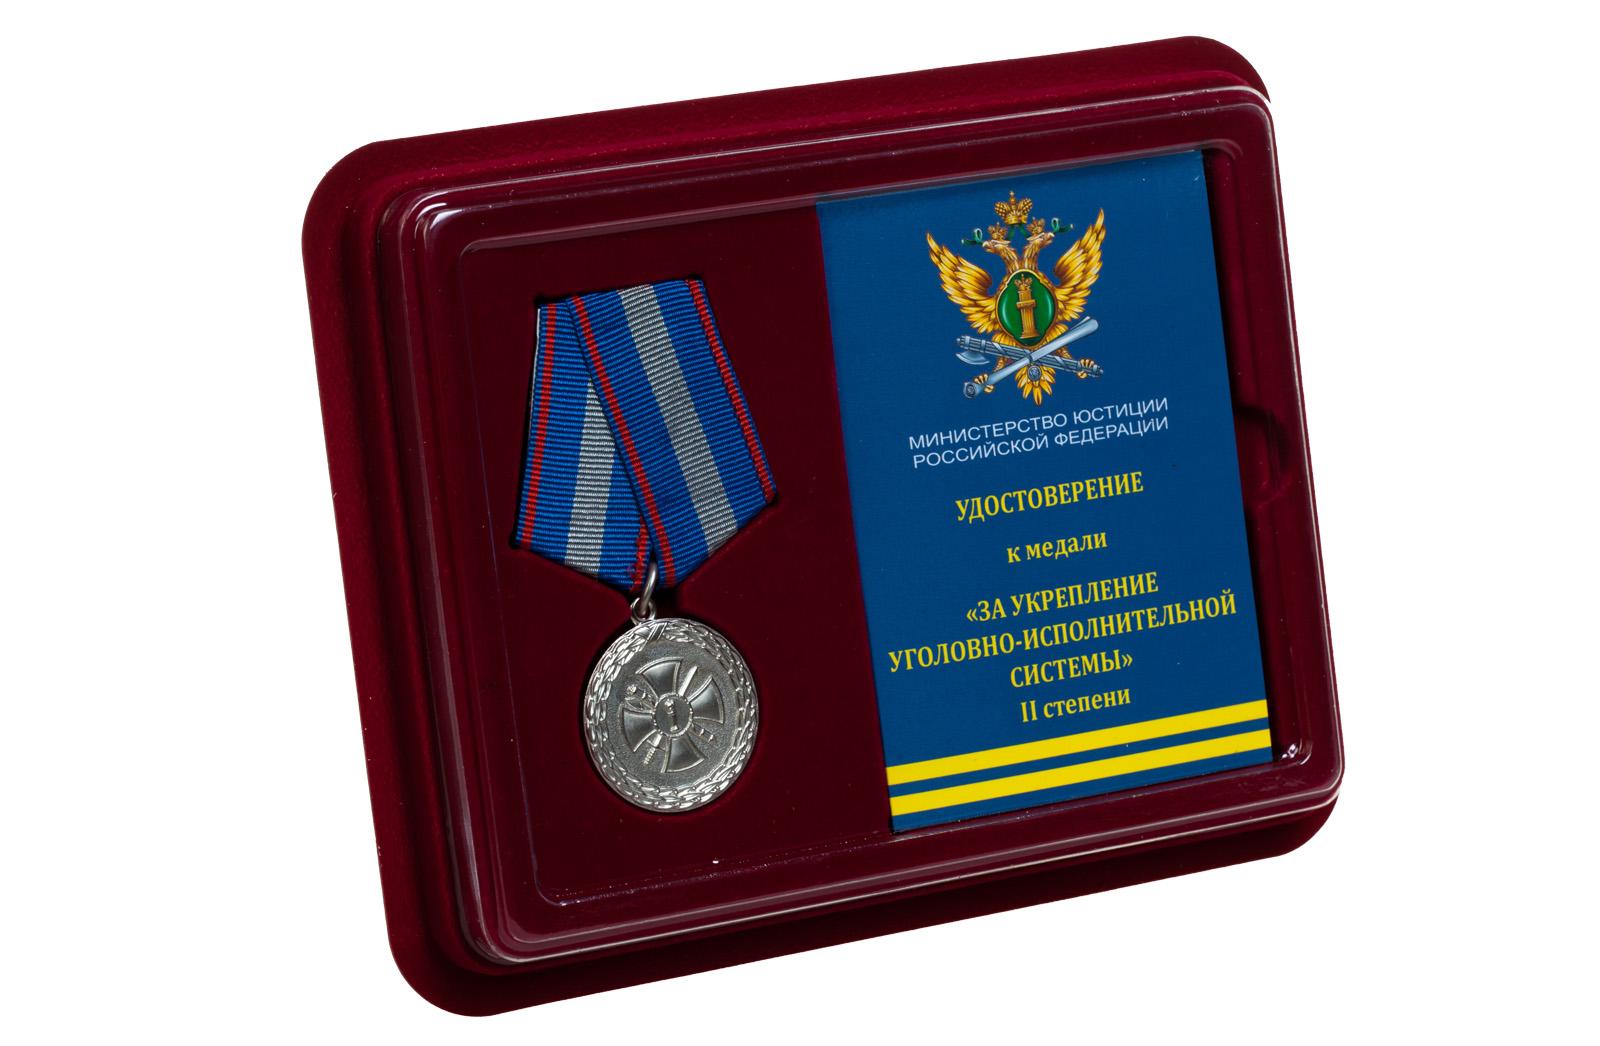 Купить медаль Минюста России За укрепление уголовно-исполнительной системы 2 степени онлайн